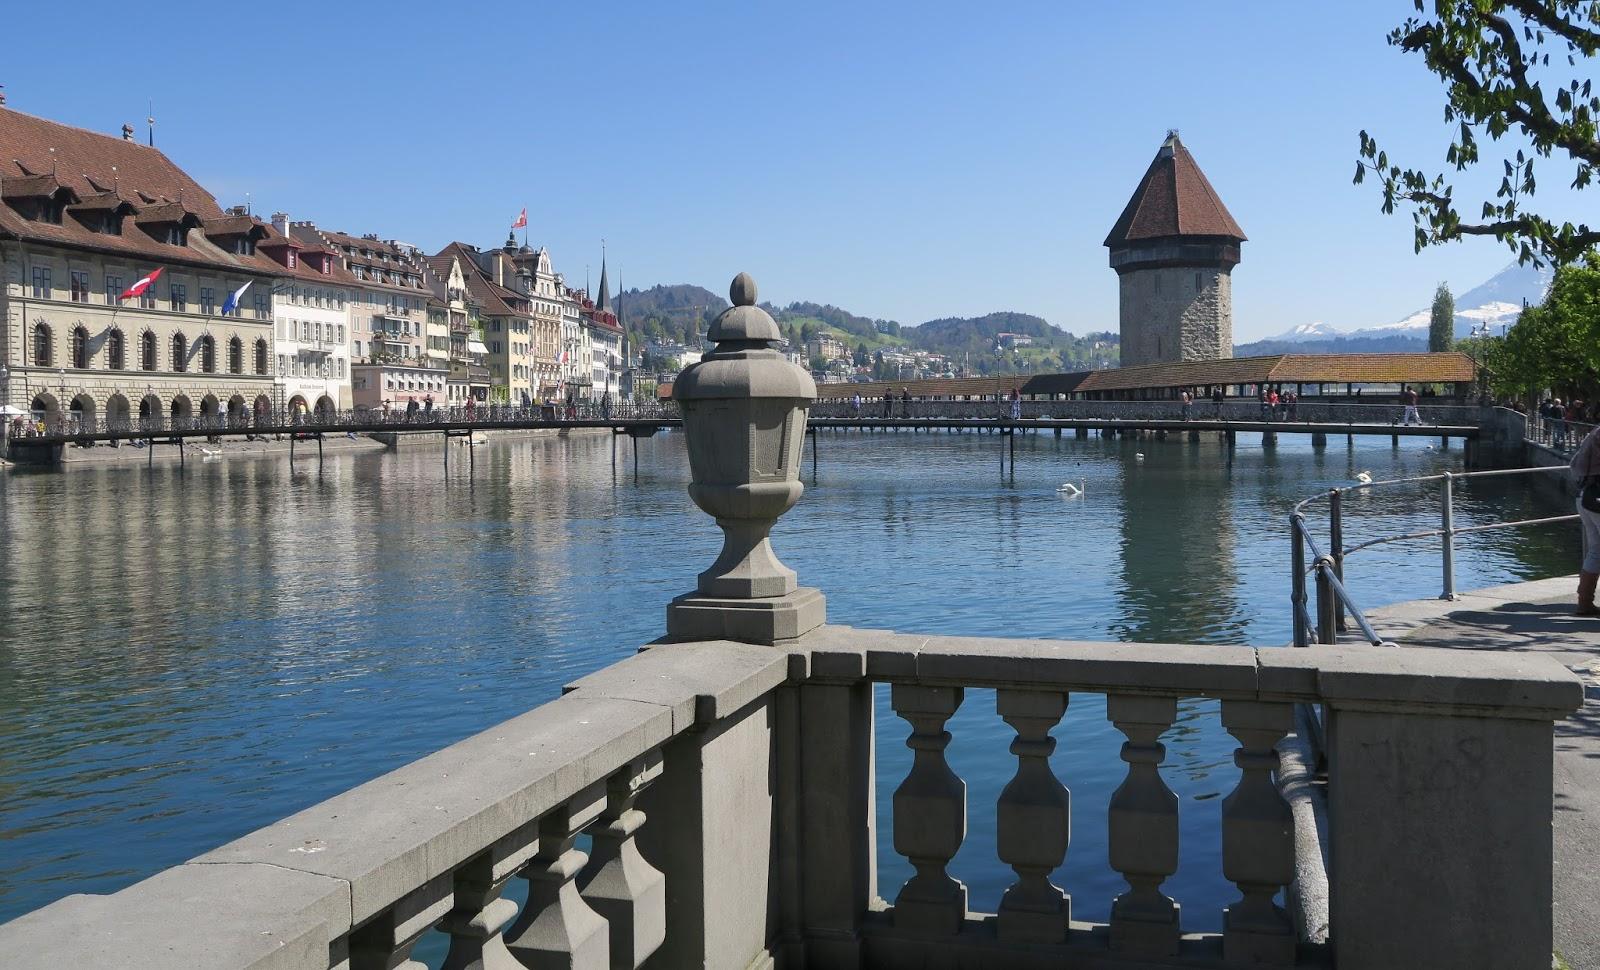 Luzern City